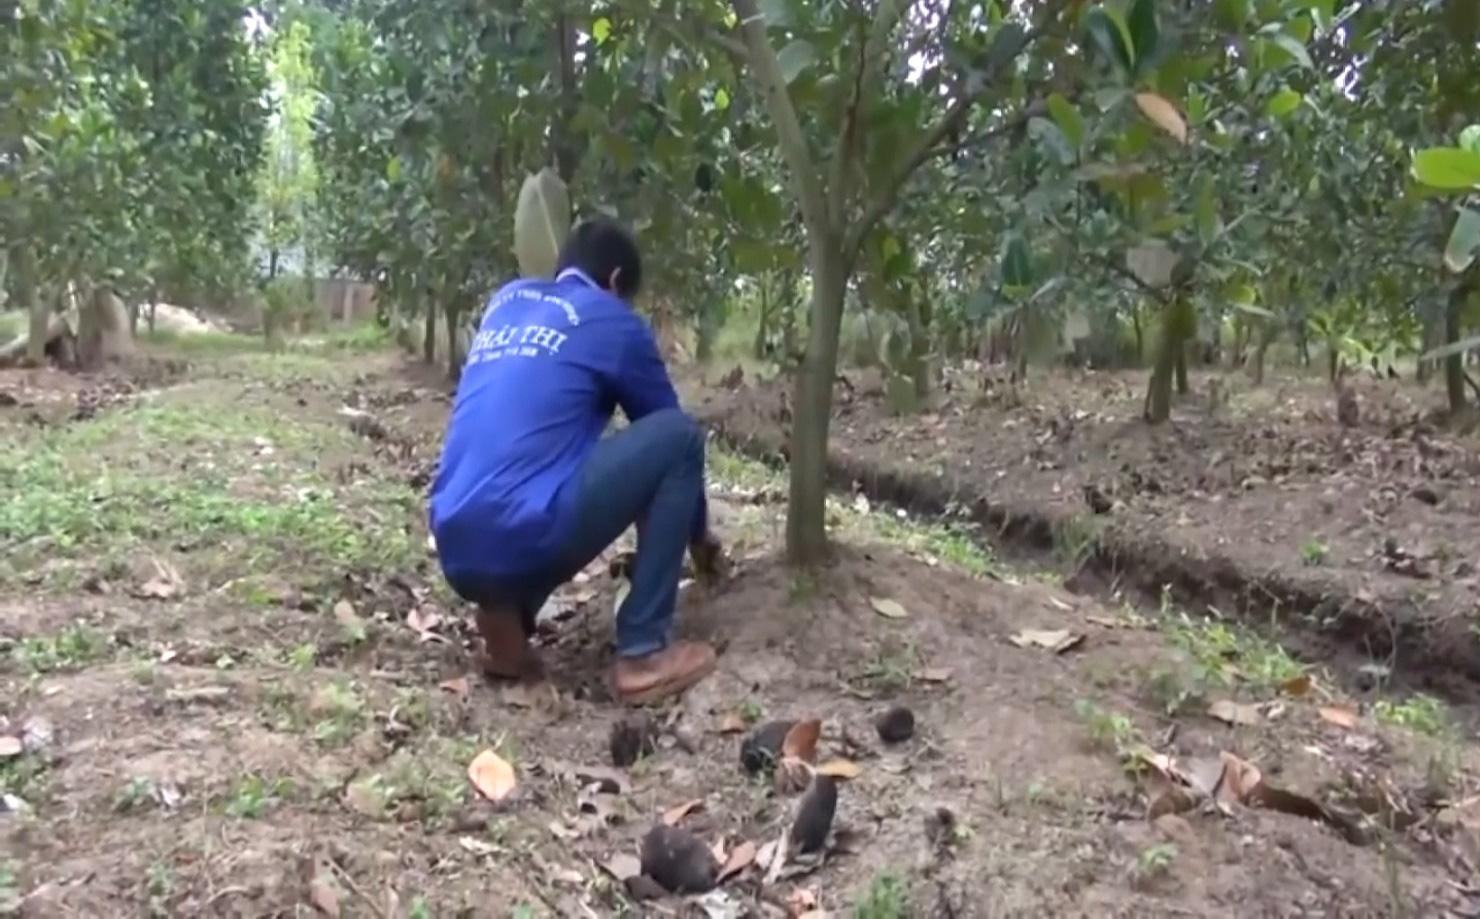 An Giang: Chuyển đổi trồng mít Thái siêu sớm, nhiều nông dân Tân Châu thoát nghèo, ổn định cuộc sống - Ảnh 5.